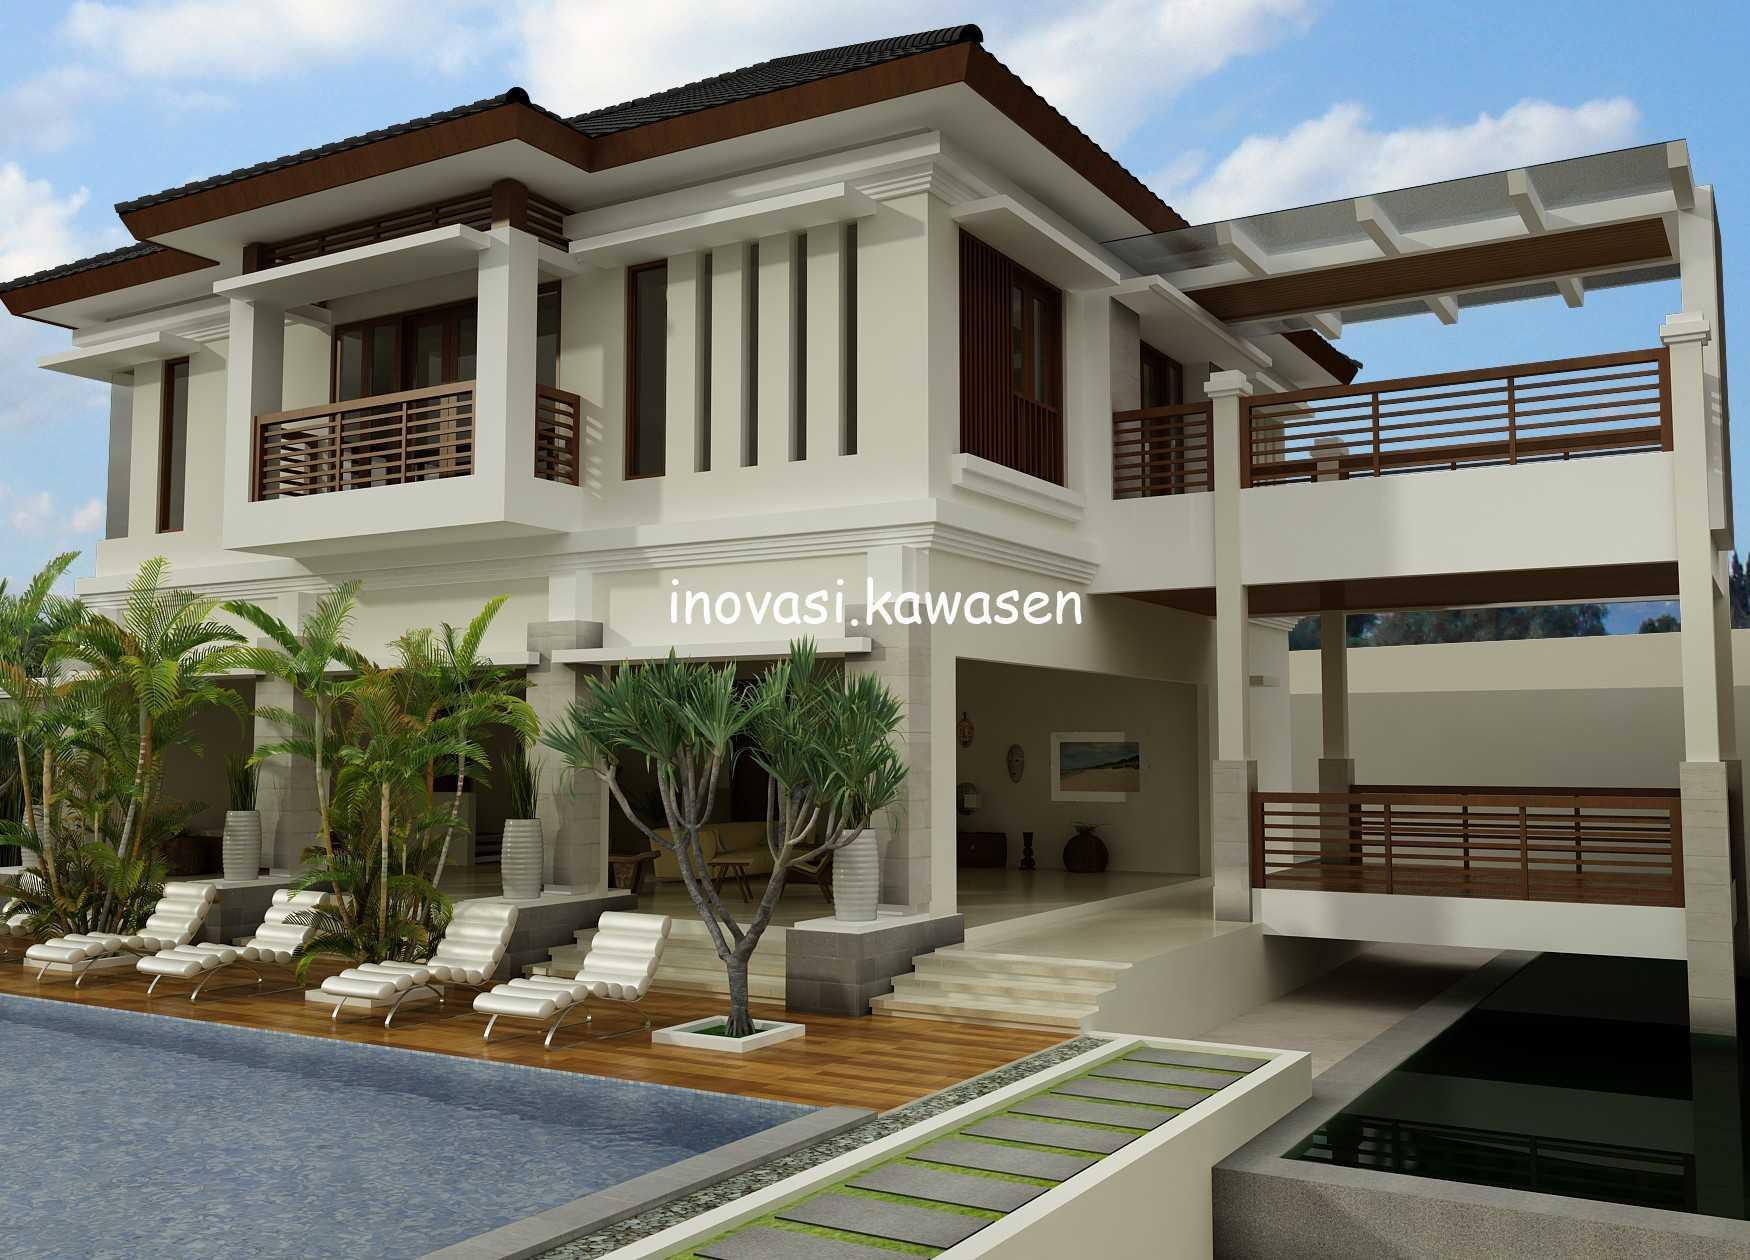 Inovasi Kawasen Desain Villa Bpk. Vadara Bogor, Jawa Barat, Indonesia Bogor, Jawa Barat, Indonesia Inovasikawasen-Desain-Villa-Bpk-Vadara  89444